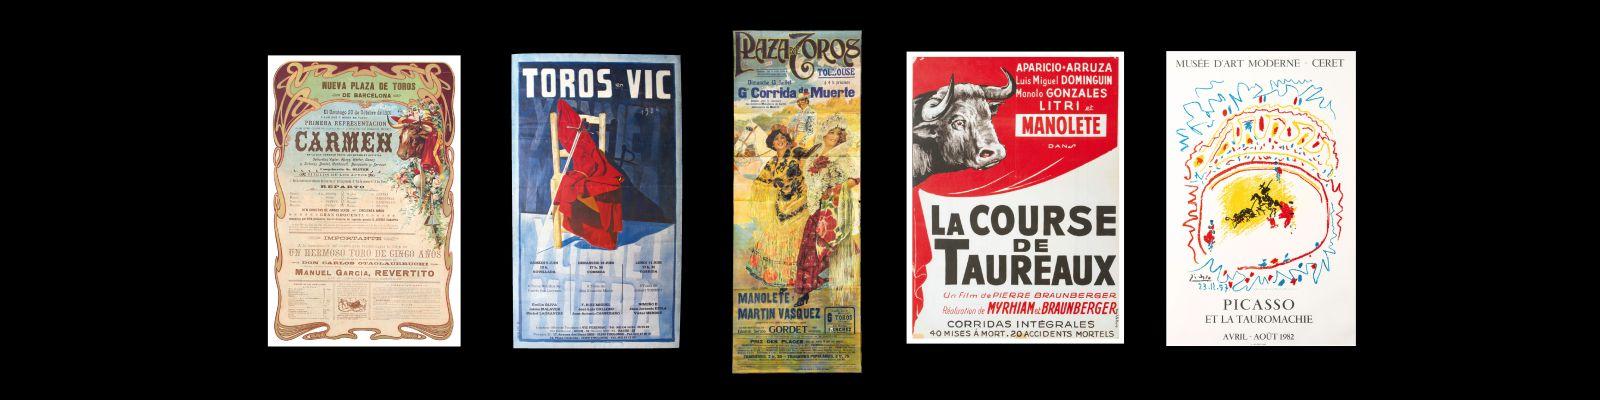 Vente aux enchères Espagne tauromachie affiches estimation